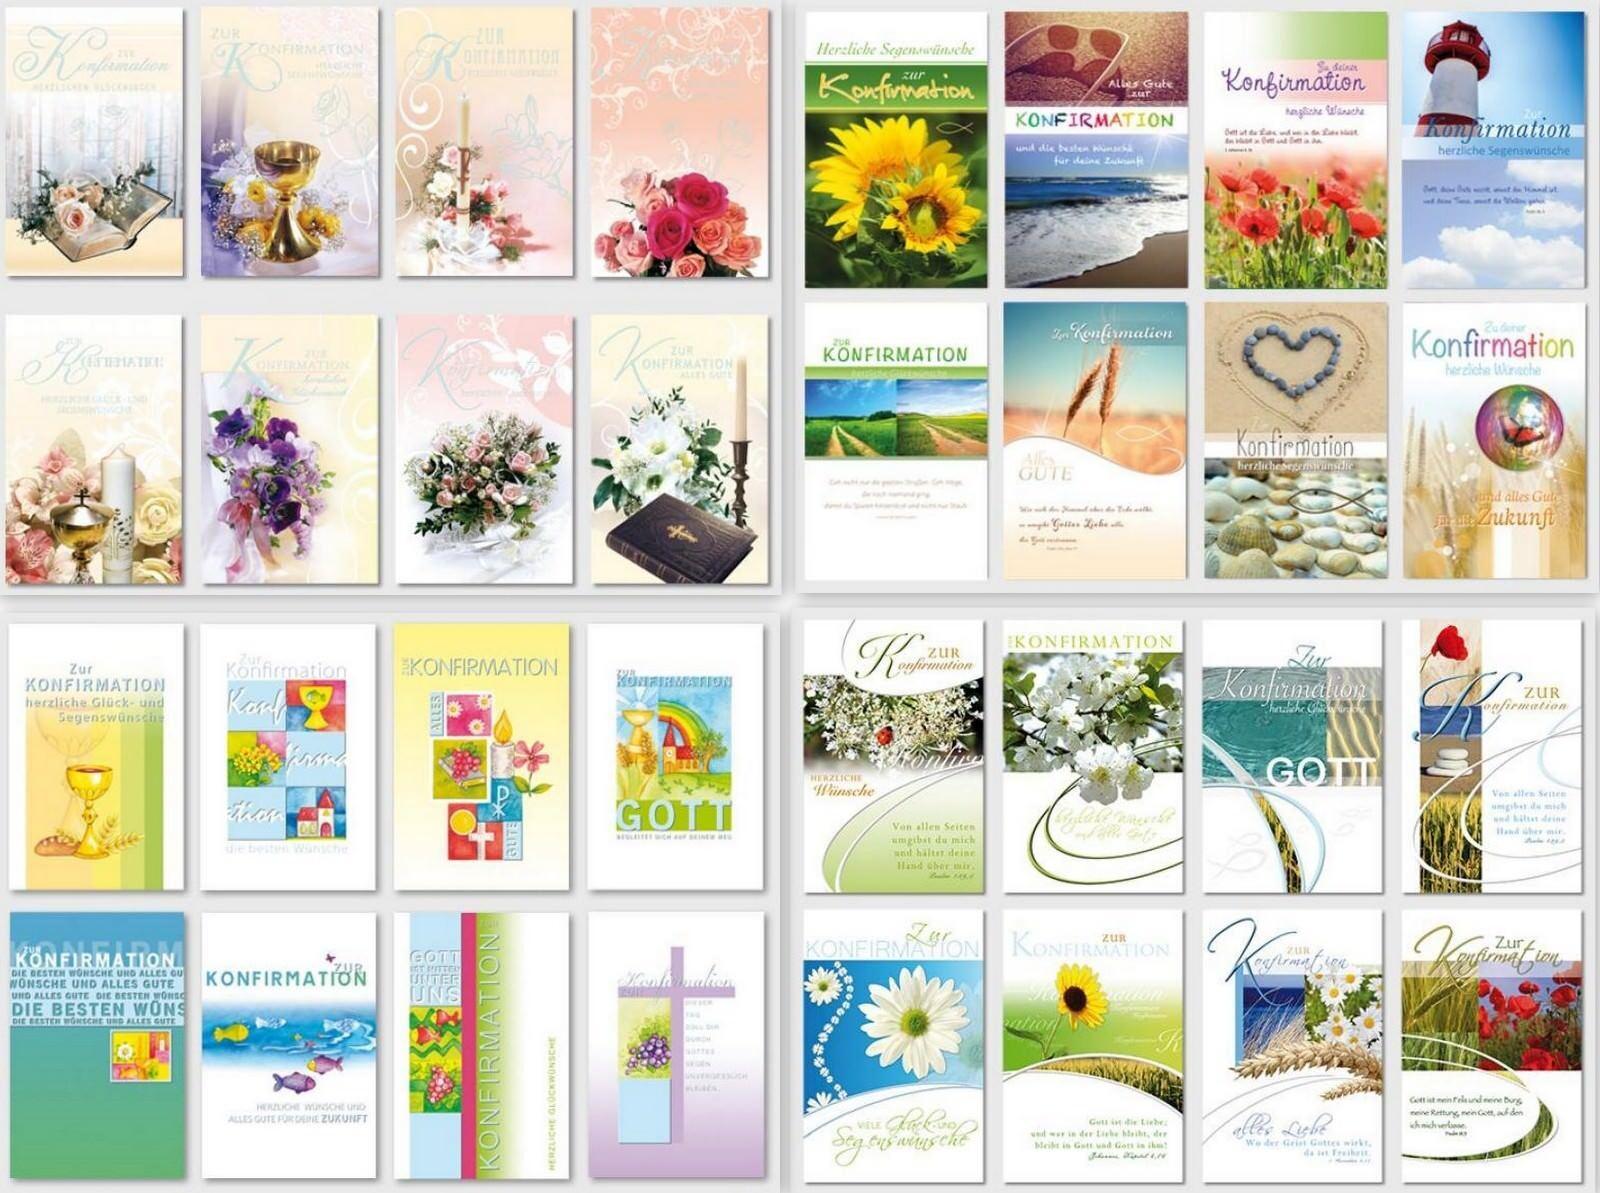 Ab 19 ct. schöne Konfirmationskarten, Klappkarten mit Umschlag, Blitzversand     Ausgezeichnete Leistung    Großer Verkauf